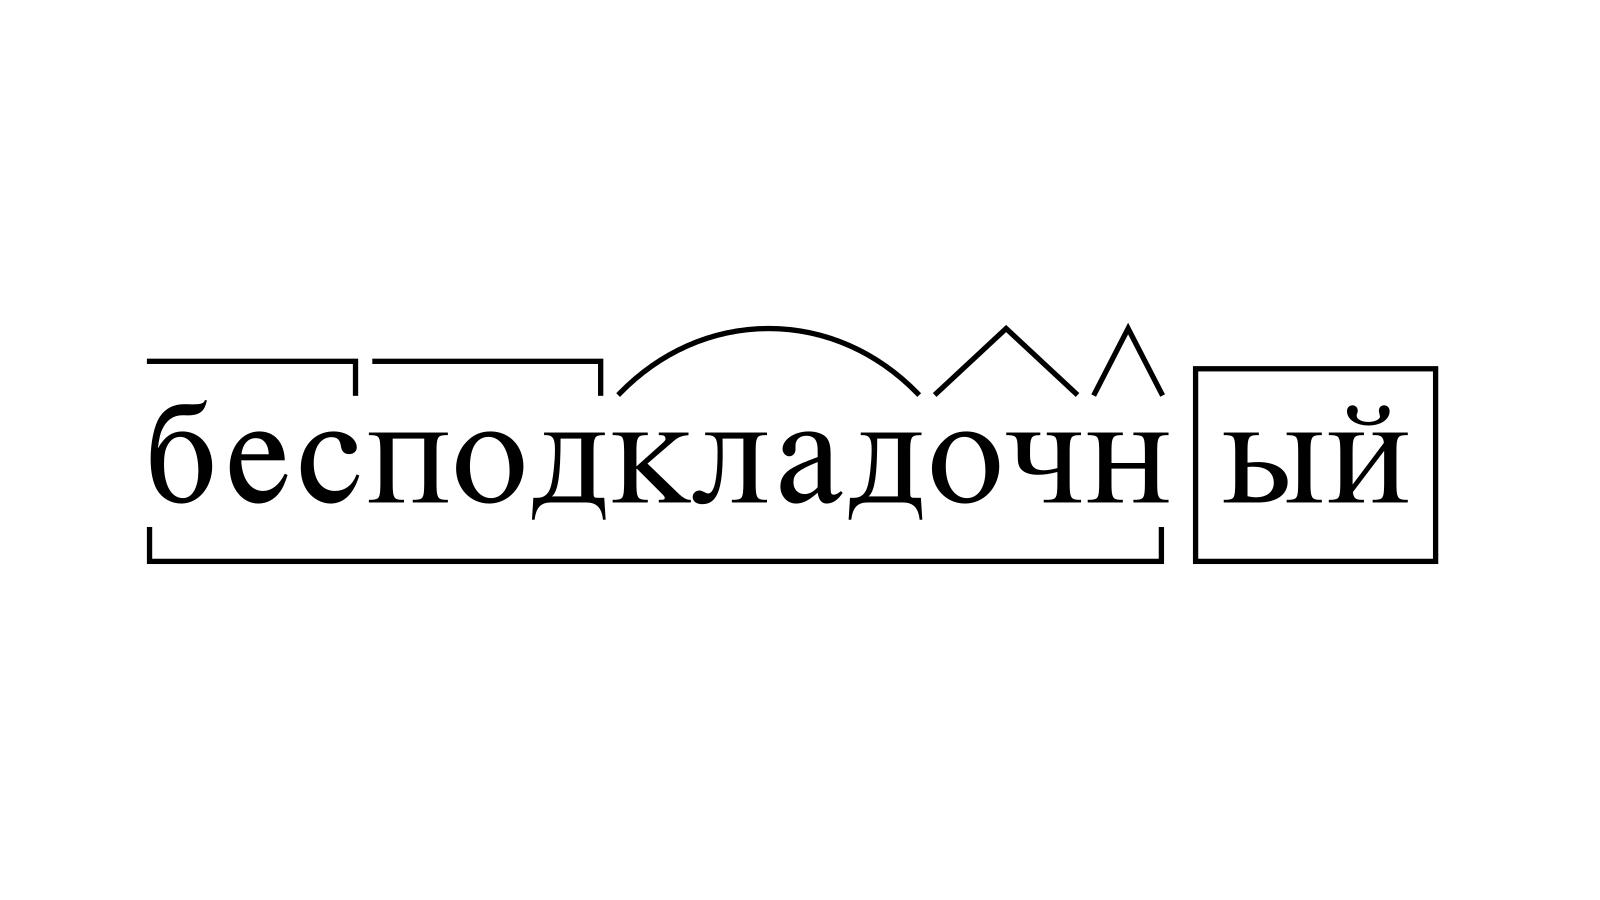 Разбор слова «бесподкладочный» по составу